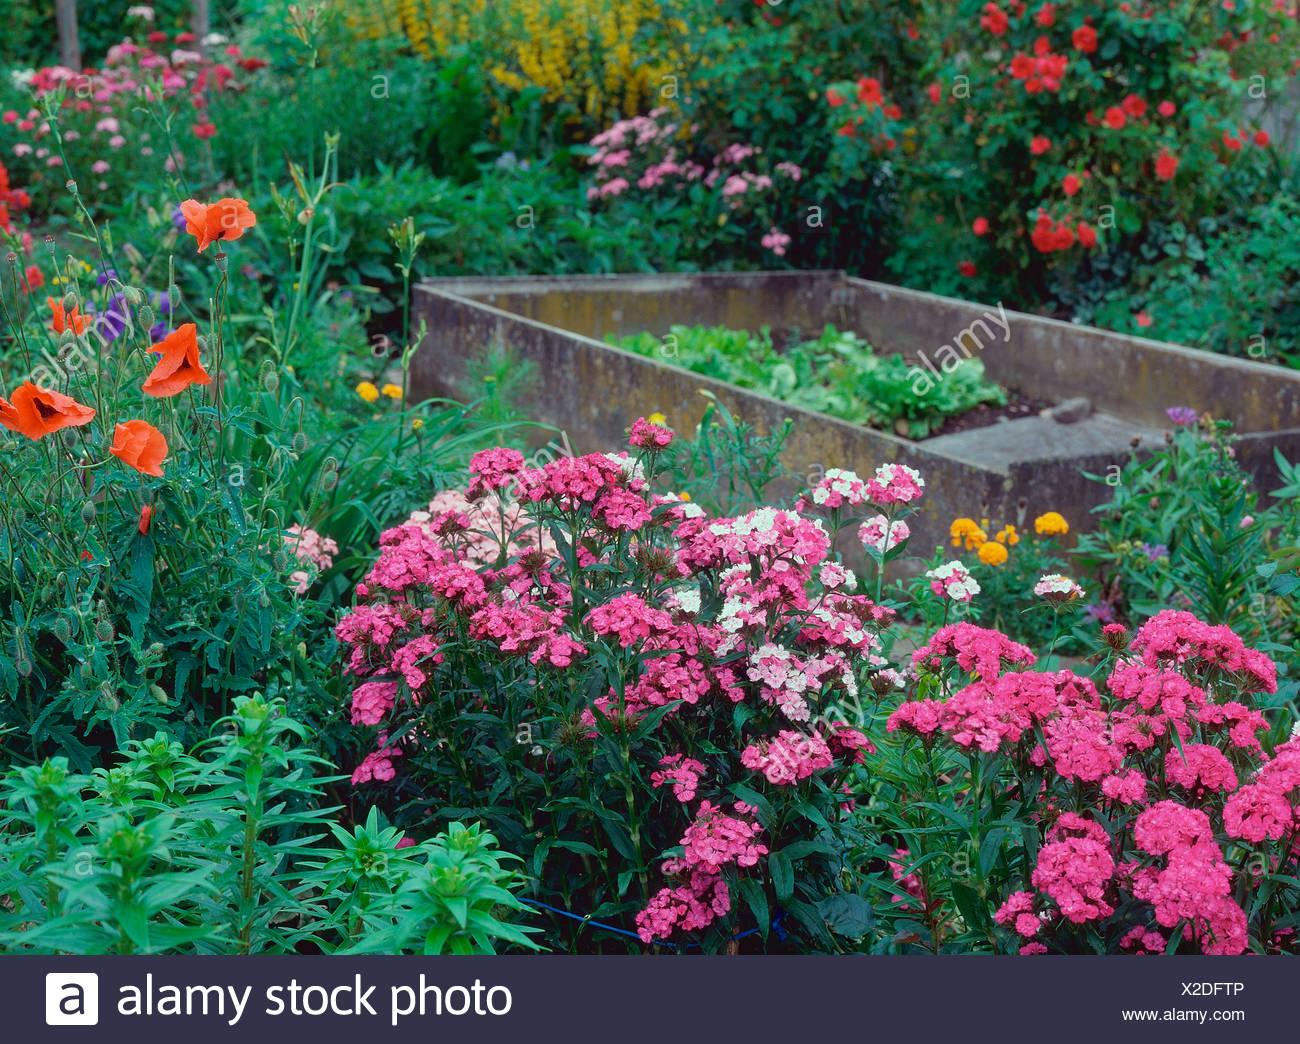 Farmer garden - Stock Image